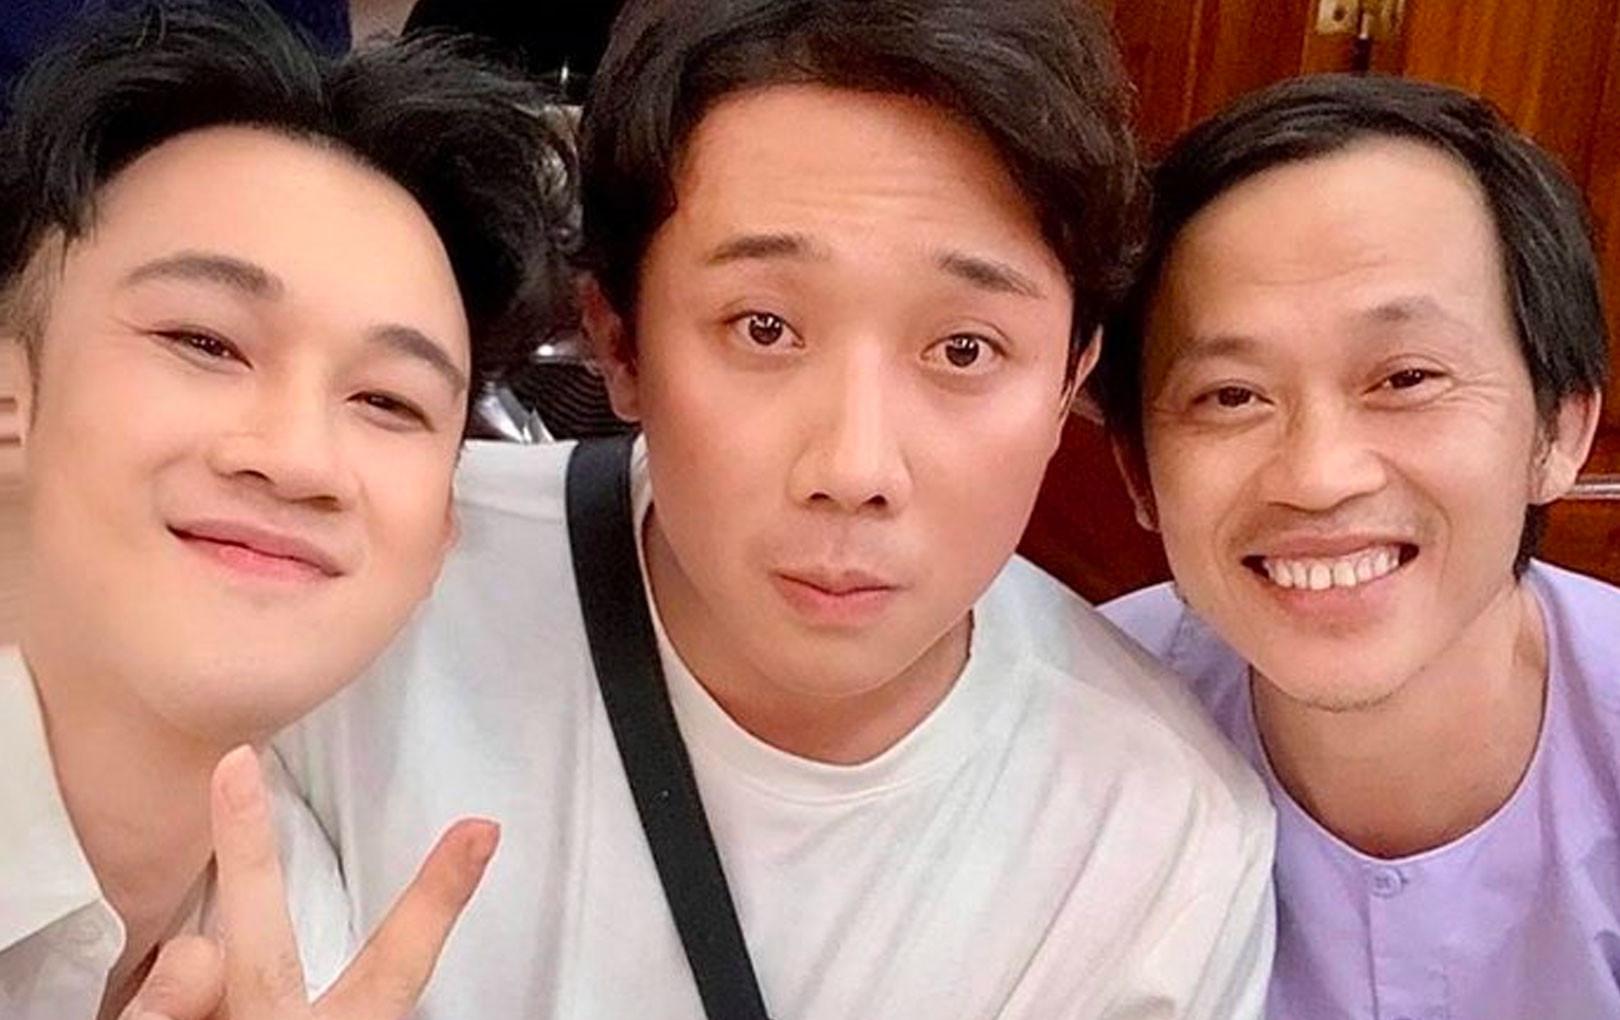 Trấn Thành, Dương Triệu Vũ và dàn nghệ sĩ thân thiết bên nhau chúc mừng sinh nhật Hoài Linh